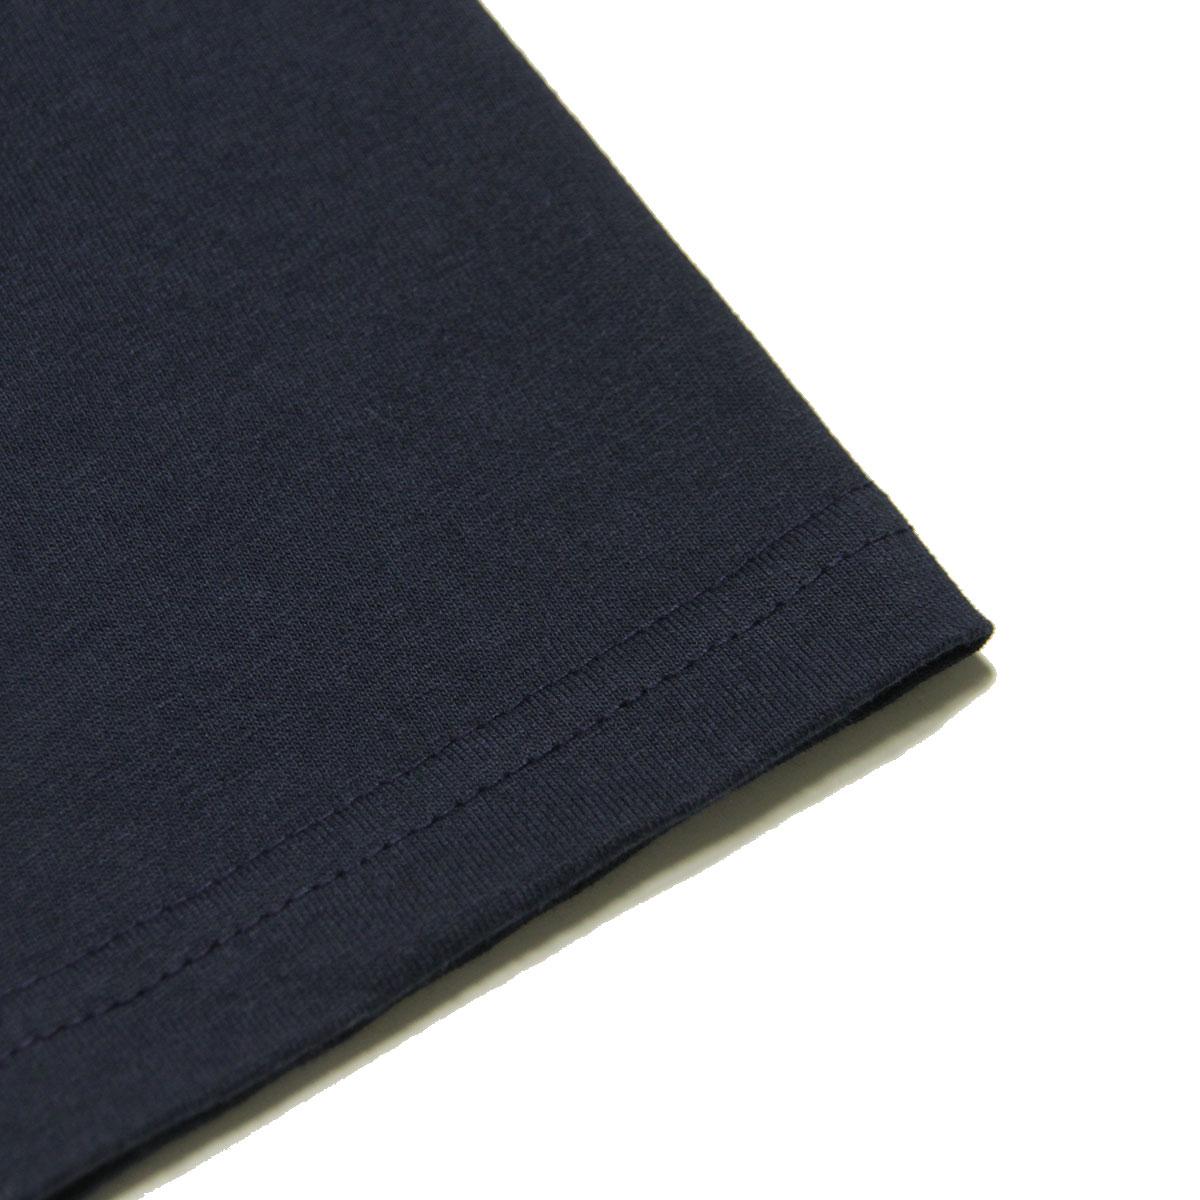 プロクラブ Tシャツ メンズ 正規販売店 PROCLUB 半袖Tシャツ クルーネックTシャツ HEAVY WEIGHT COTTON SHORT SLEEVE CREW NECK T-SHIRT NAVY #101 AB6B B1C C1D D1E E06F